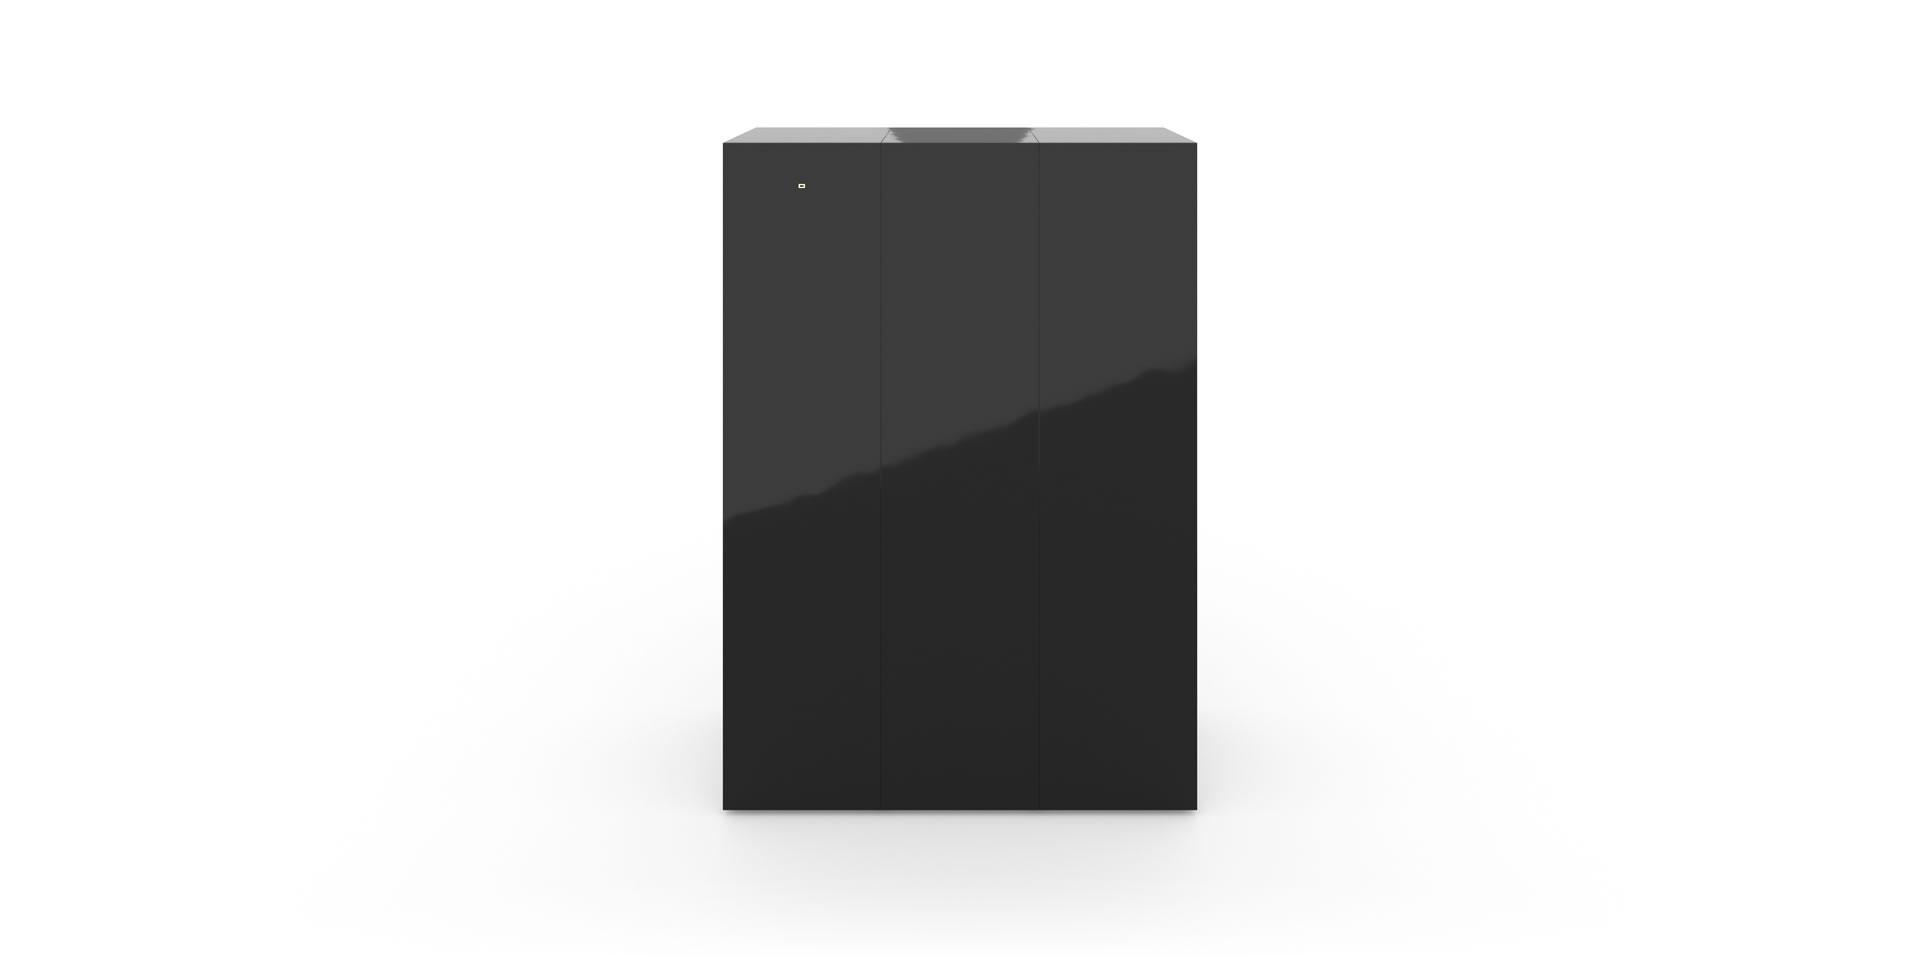 Cabinet Iii Vi Piano Lacquer Black Felix Schwake